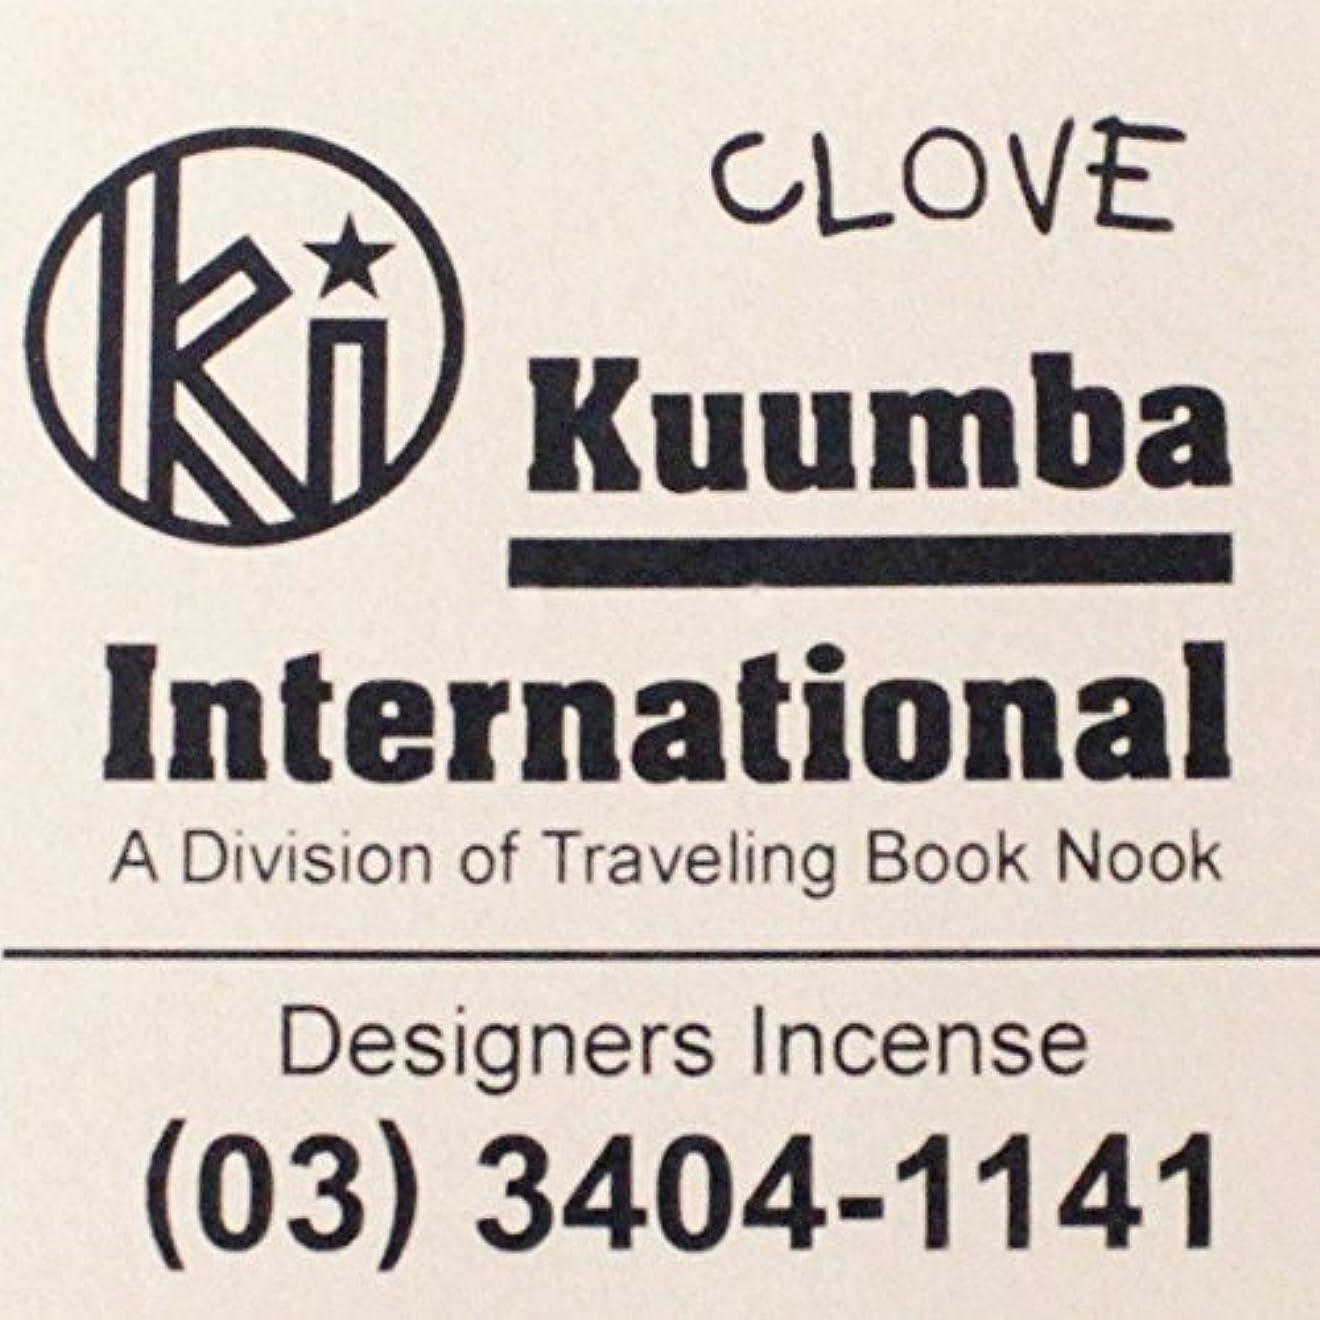 クマノミ普遍的な統合する(クンバ) KUUMBA『incense』(CLOVE) (Regular size)